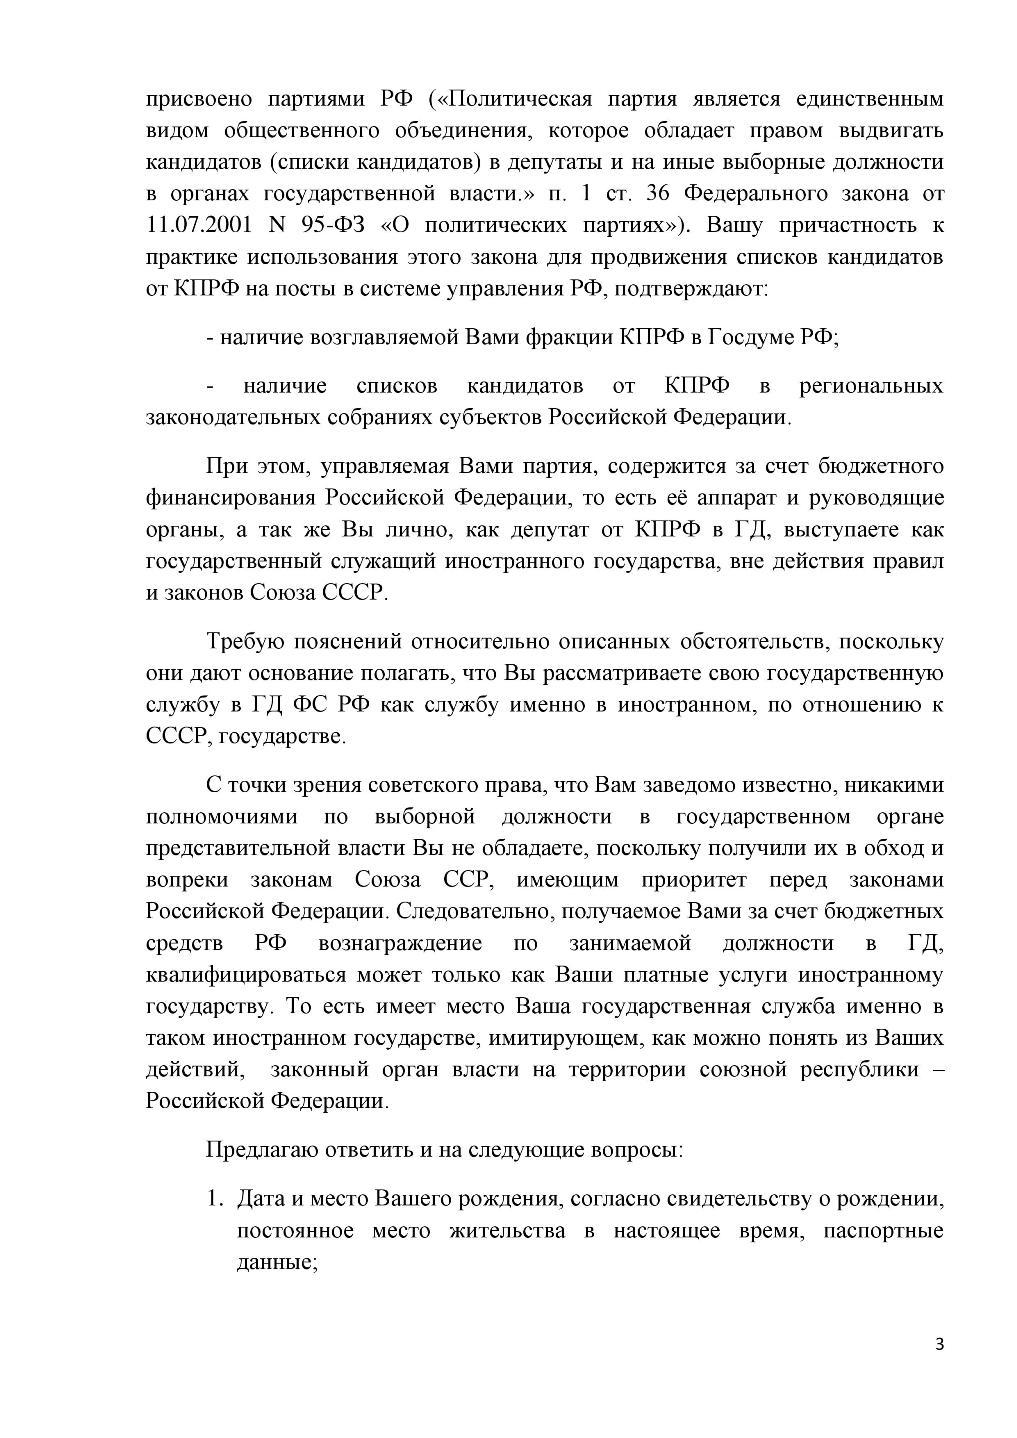 http://voinr.ru/voinr-ru/wp-content/uploads/2015/07/page31.jpg